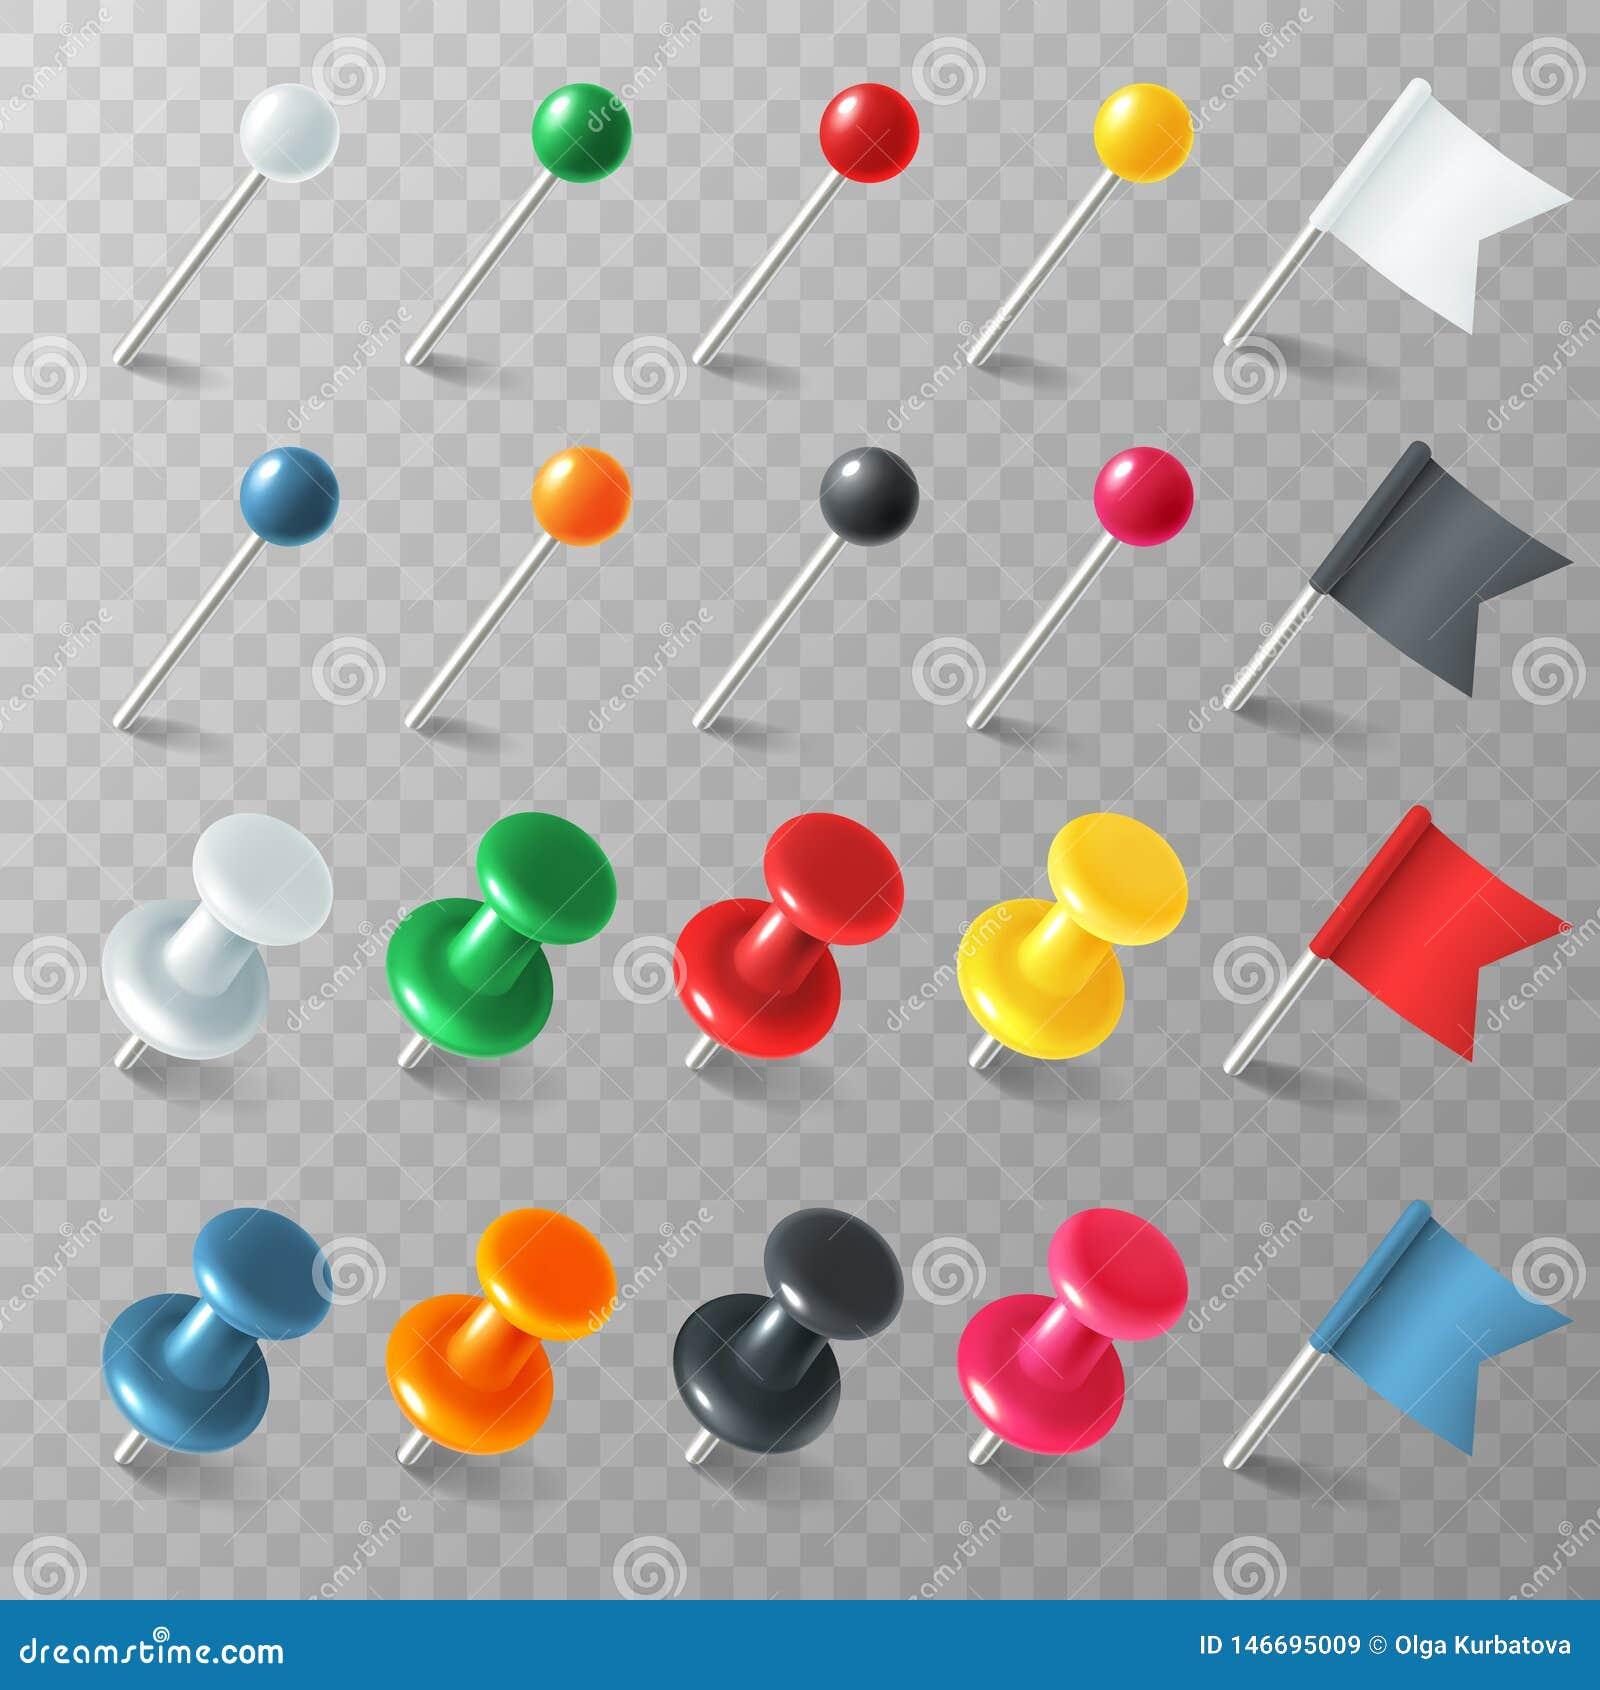 23 Pins Flags Tacks. Colored Pointer Marker Pin Flag Tack Pinned ...